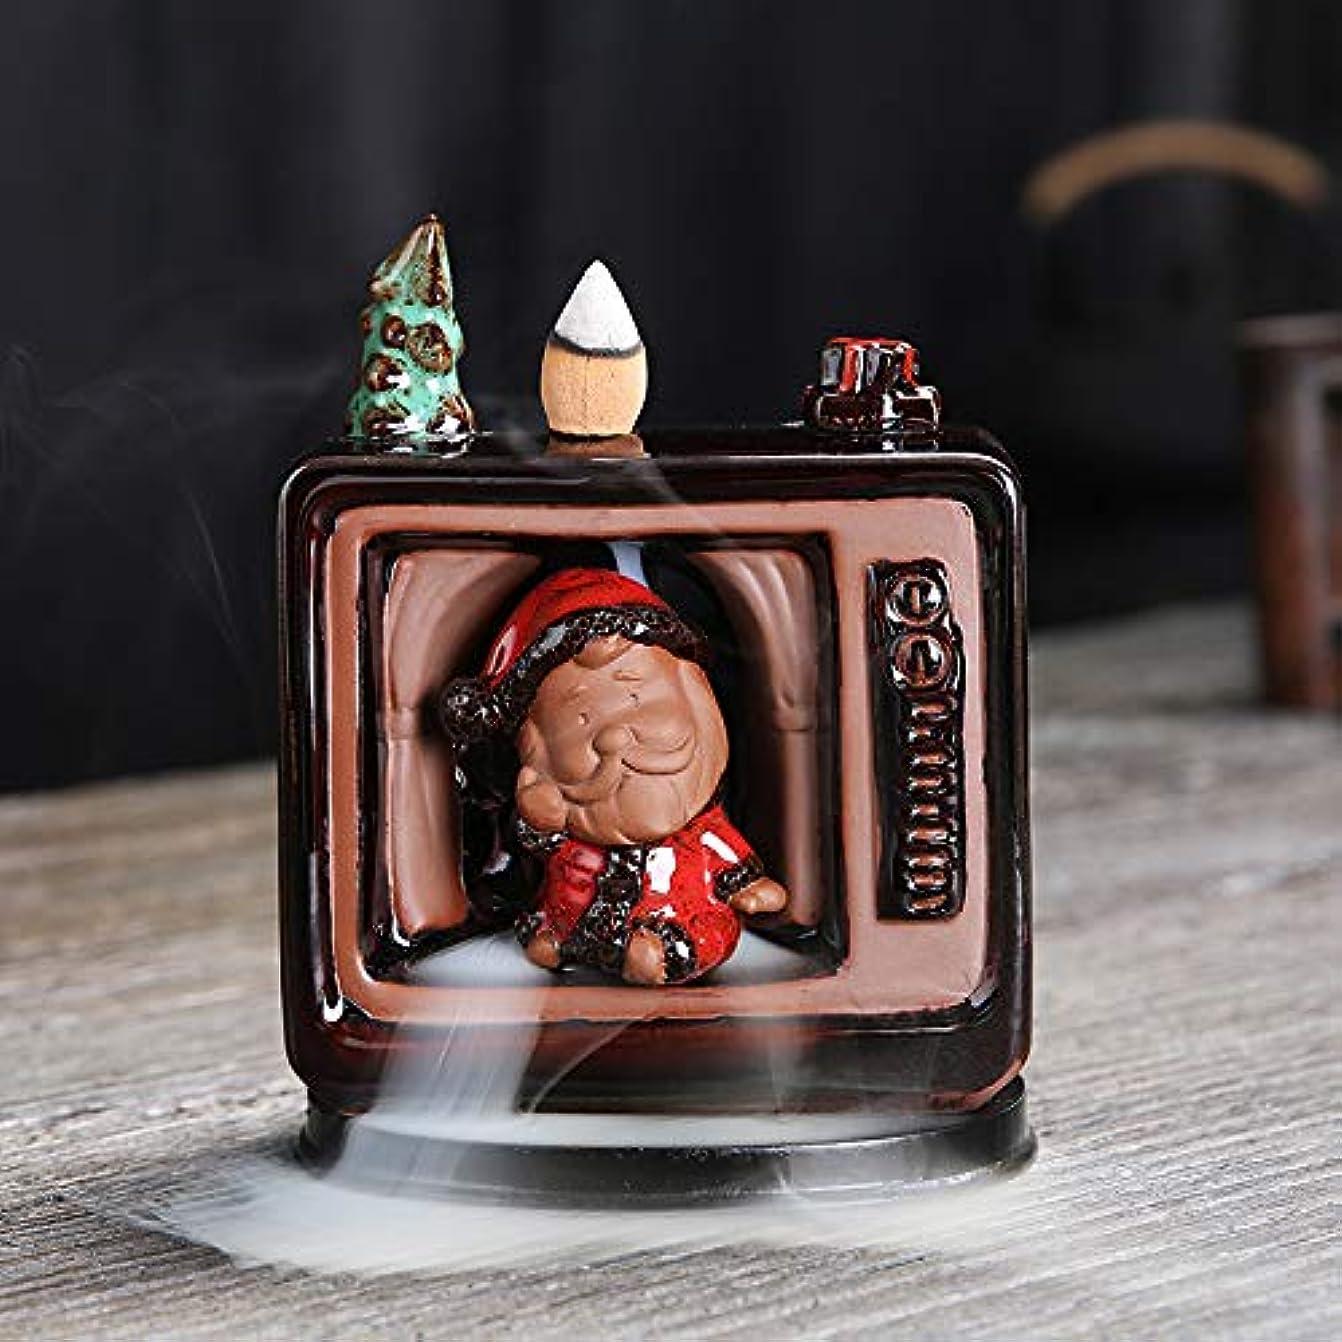 一流センブランス顕微鏡セラミックリフロー香炉香炉サンタクロースヨガ瞑想家の装飾や手工芸に適しています中国のクリスマスギフトスノーマン香炉クリスマス香炉11 * 6 * 14cm